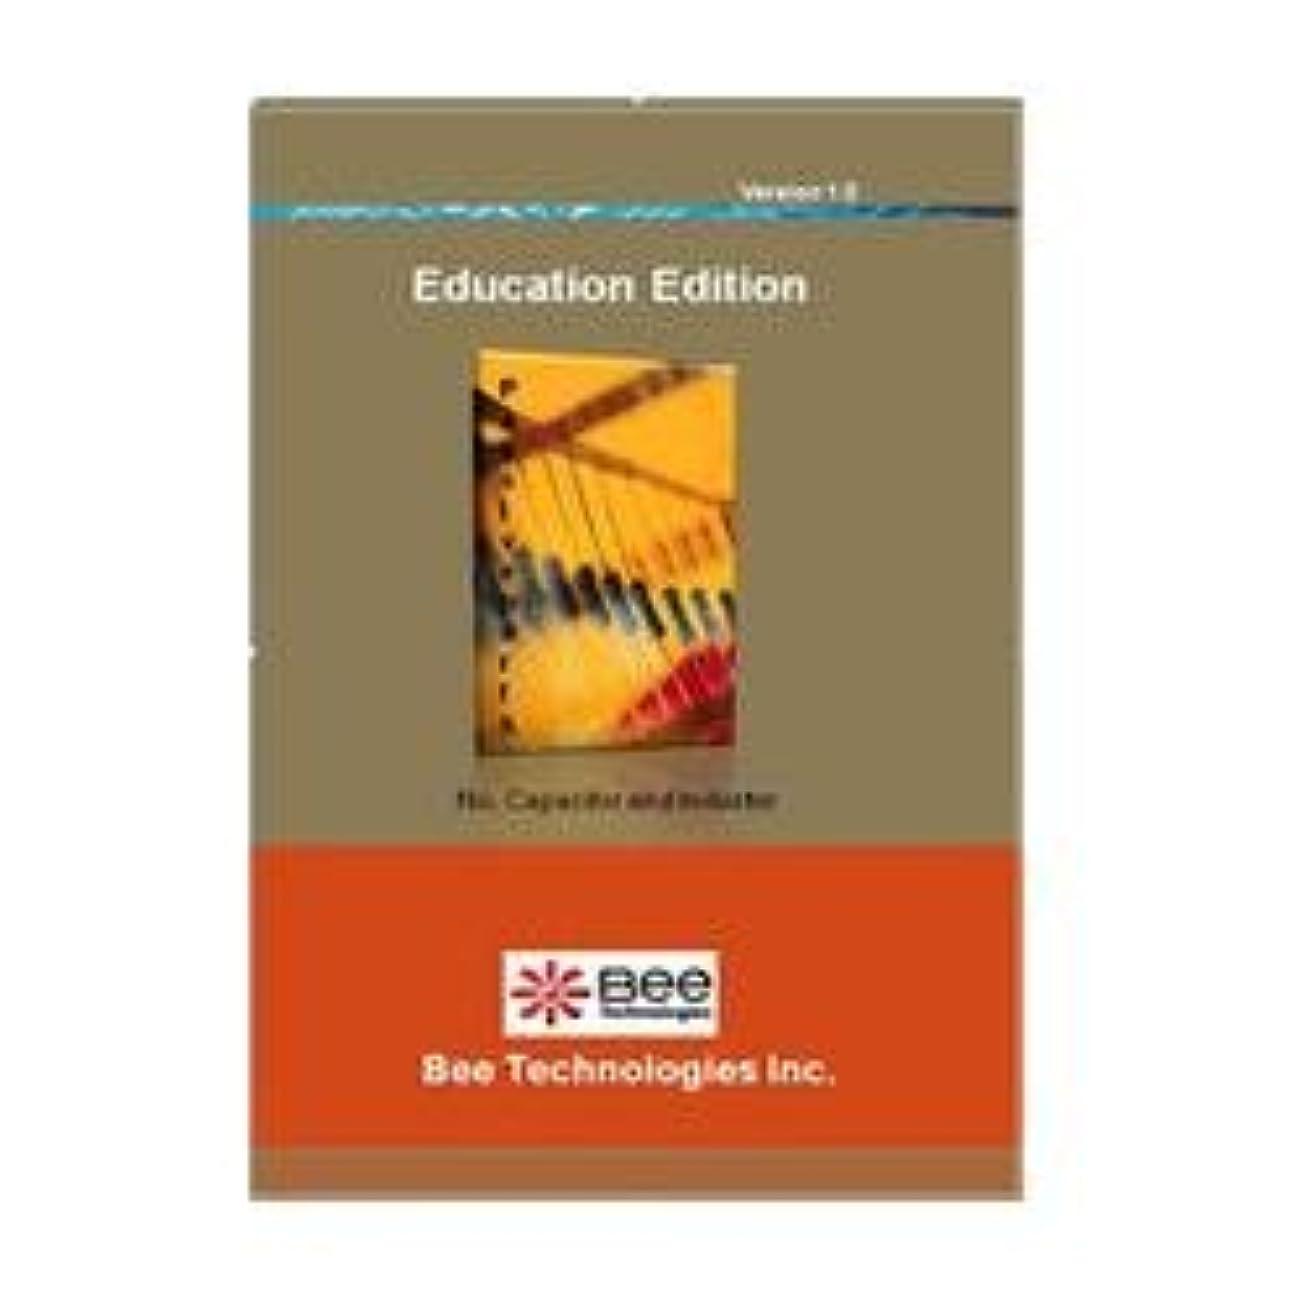 グラフィック頑固な注意【SPICE】Bee Technologies デバイスモデリング教材 受動部品モデル編 【DM-010】